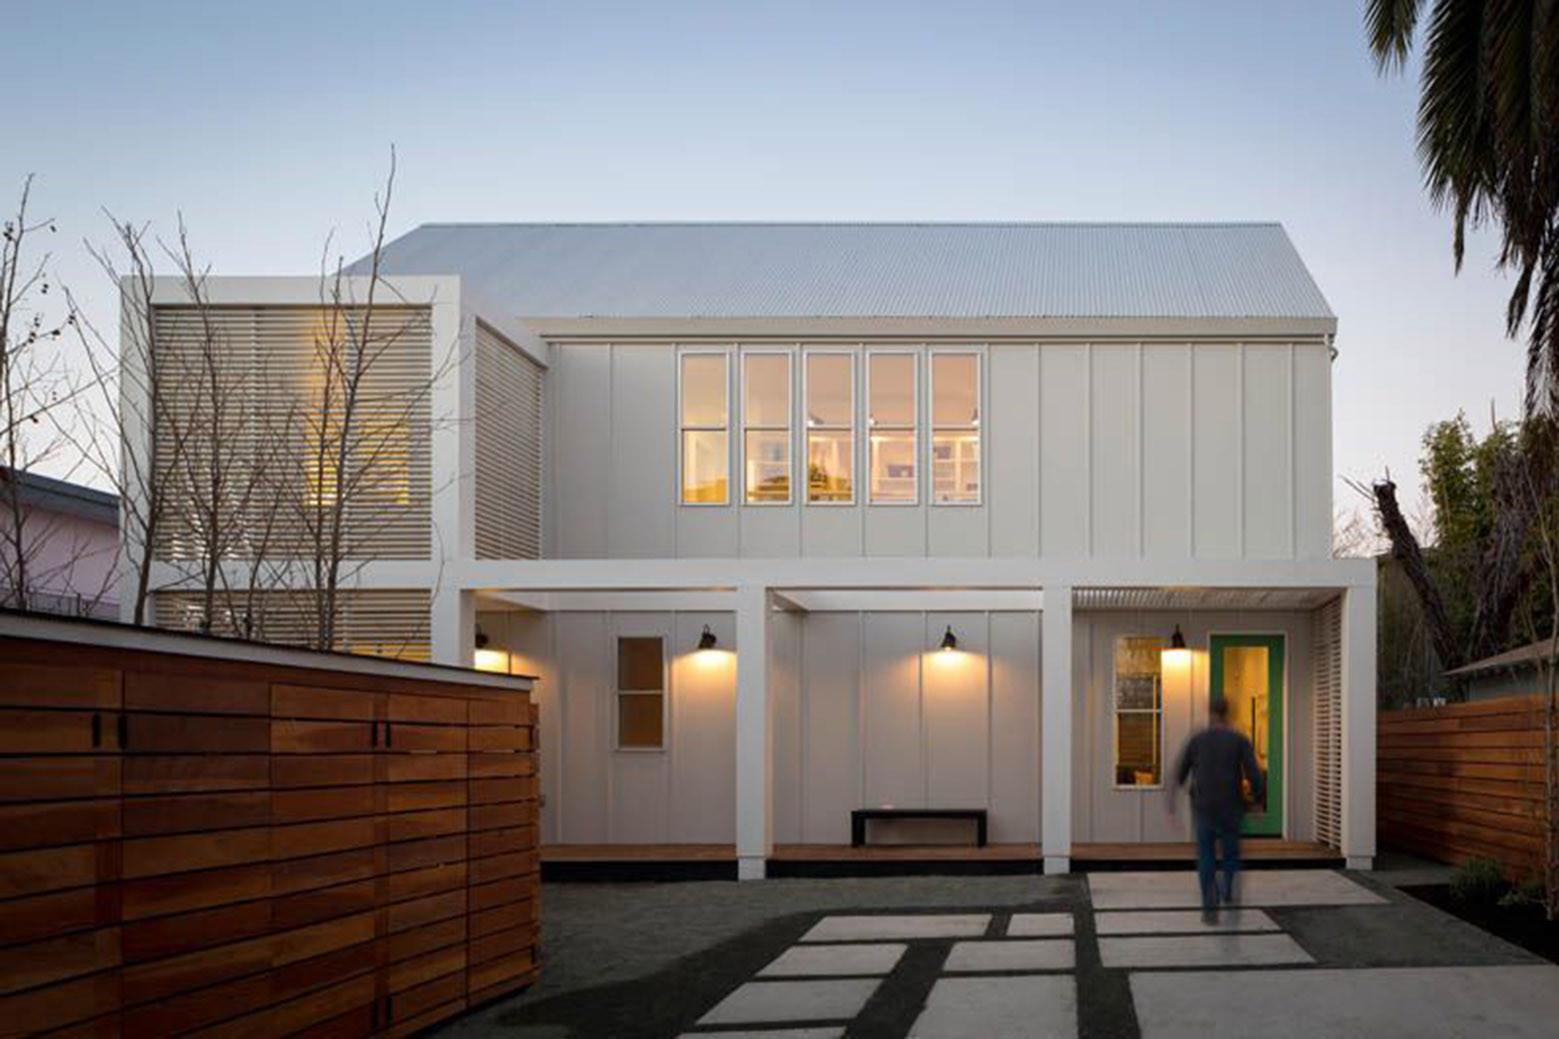 harmon / baran studio architecture | archdaily